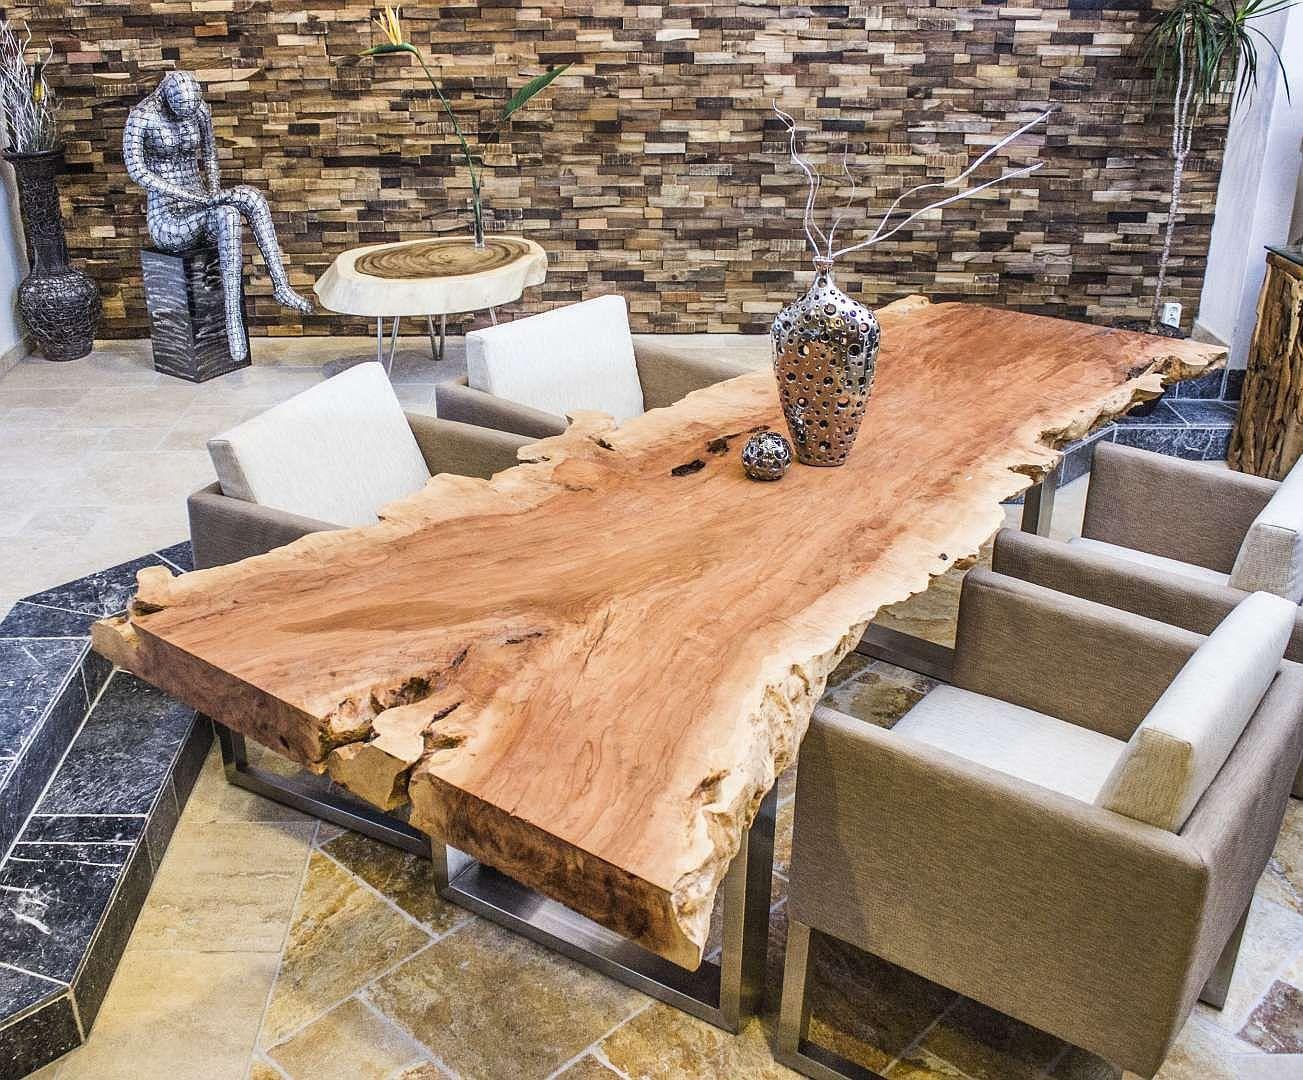 Tischplatte Esstisch Aus Einer Baumscheibe Lychee Gartentisch Holz Tisch Selber Bauen Tisch